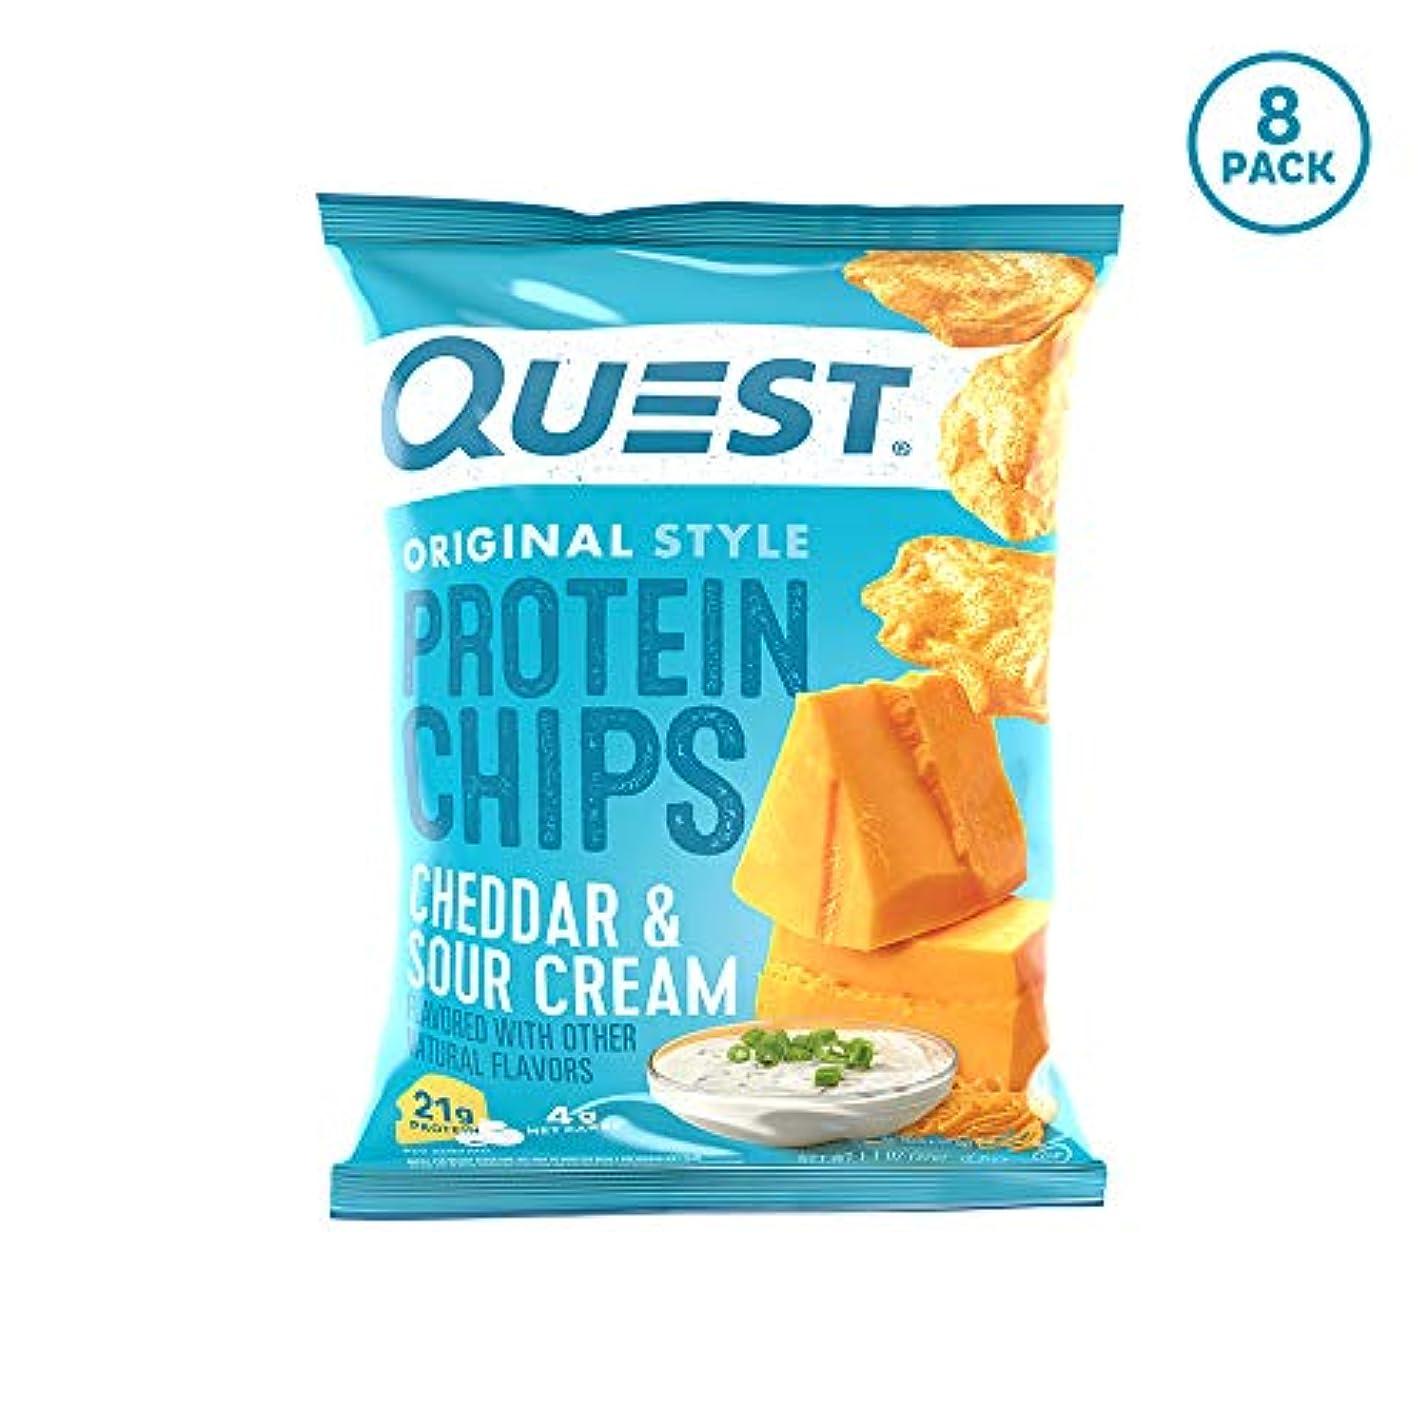 信頼できるアシスタント運搬プロテイン チップス チェダーサワークリーム フレイバー クエスト 8袋セット 並行輸入品 Quest Nutrition Protein Chips Cheddar & Sour Cream Pack of 8 海外直送品